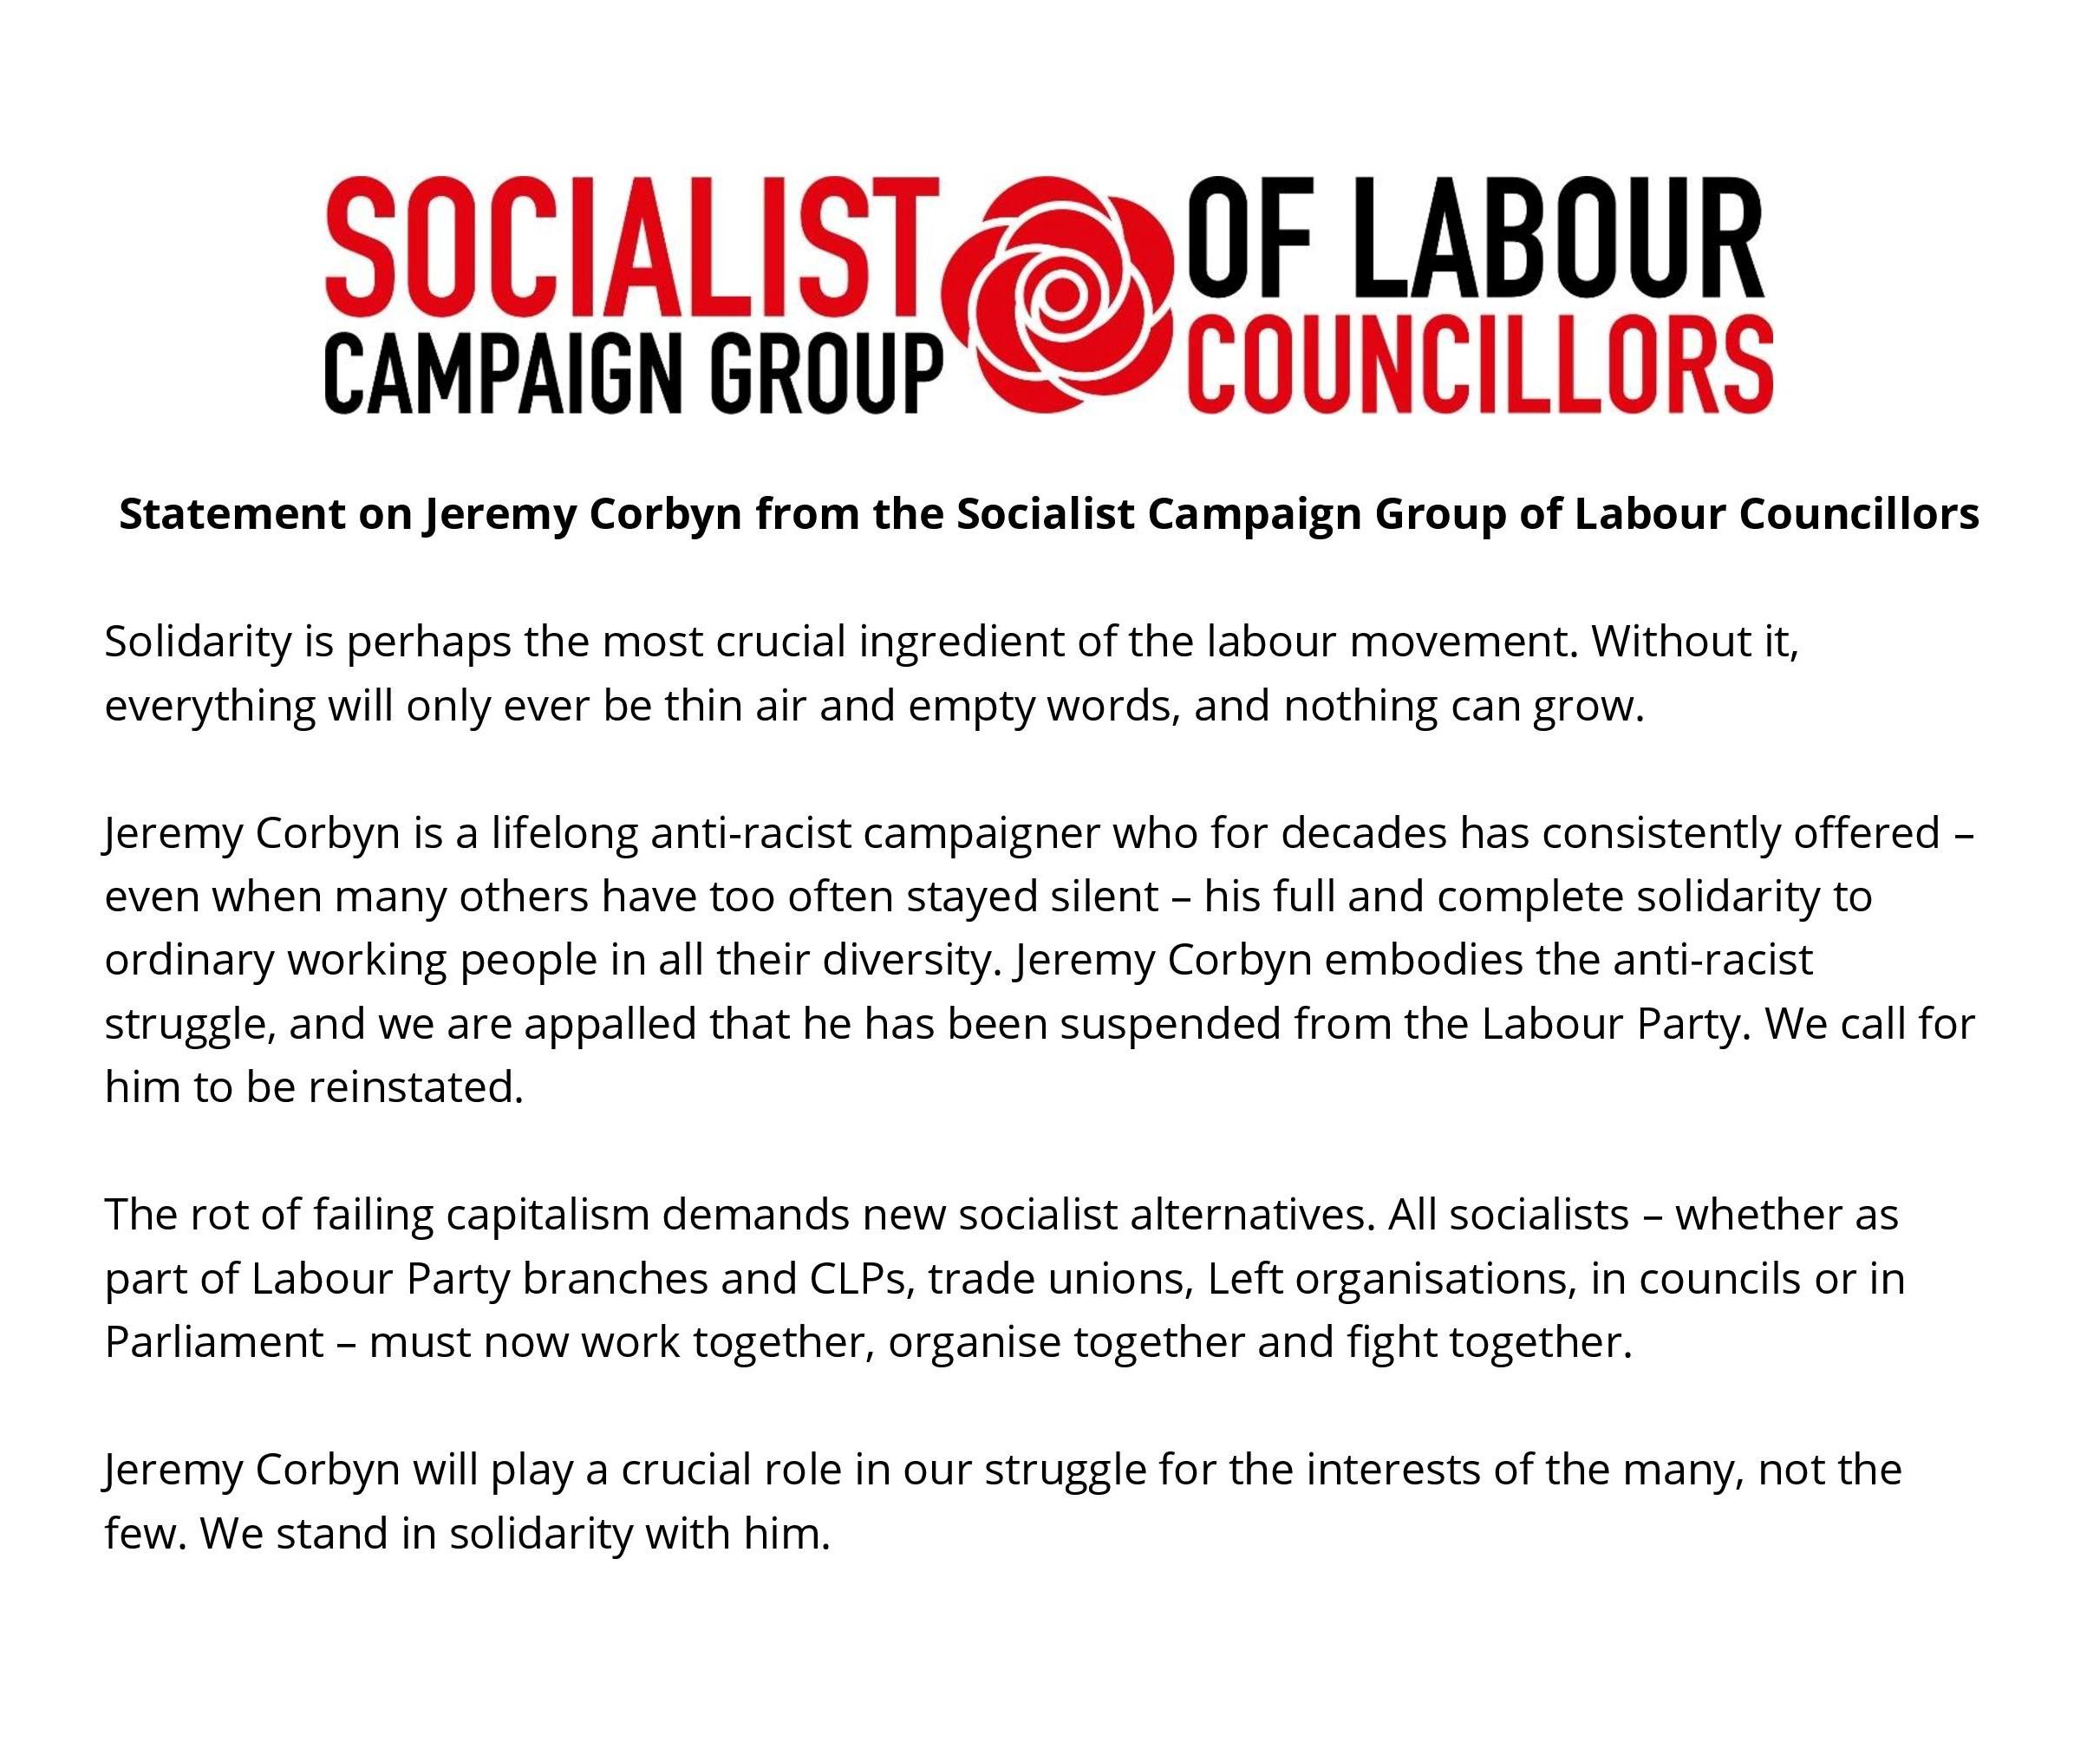 Statement on Jeremy Corbyn